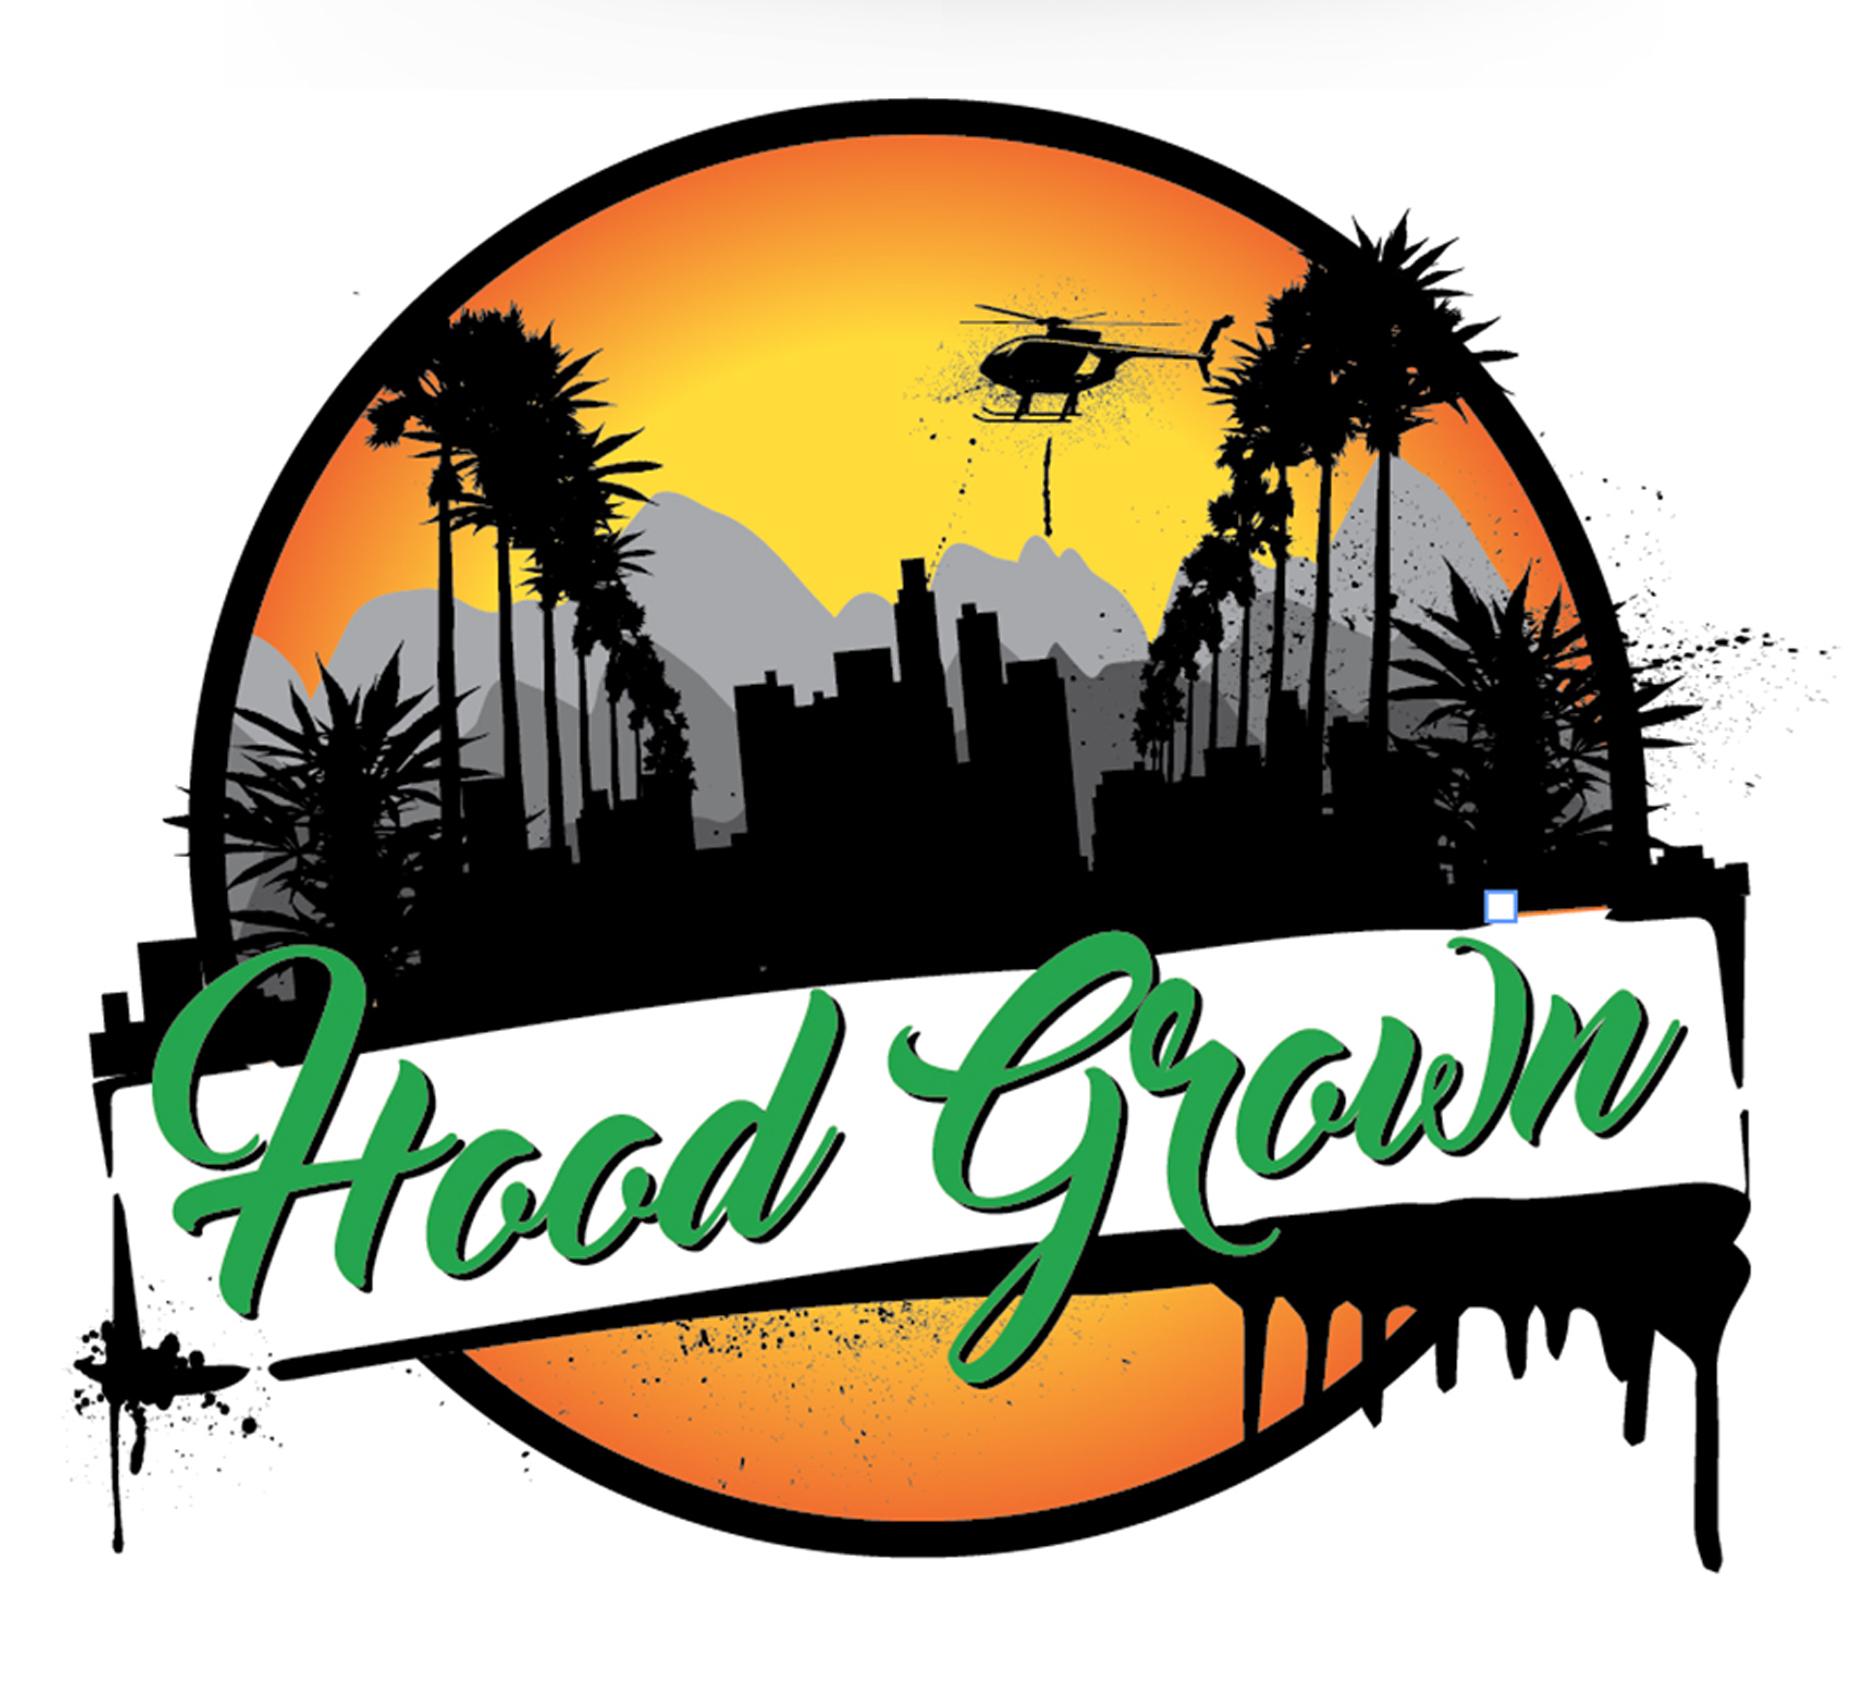 Hood Grown